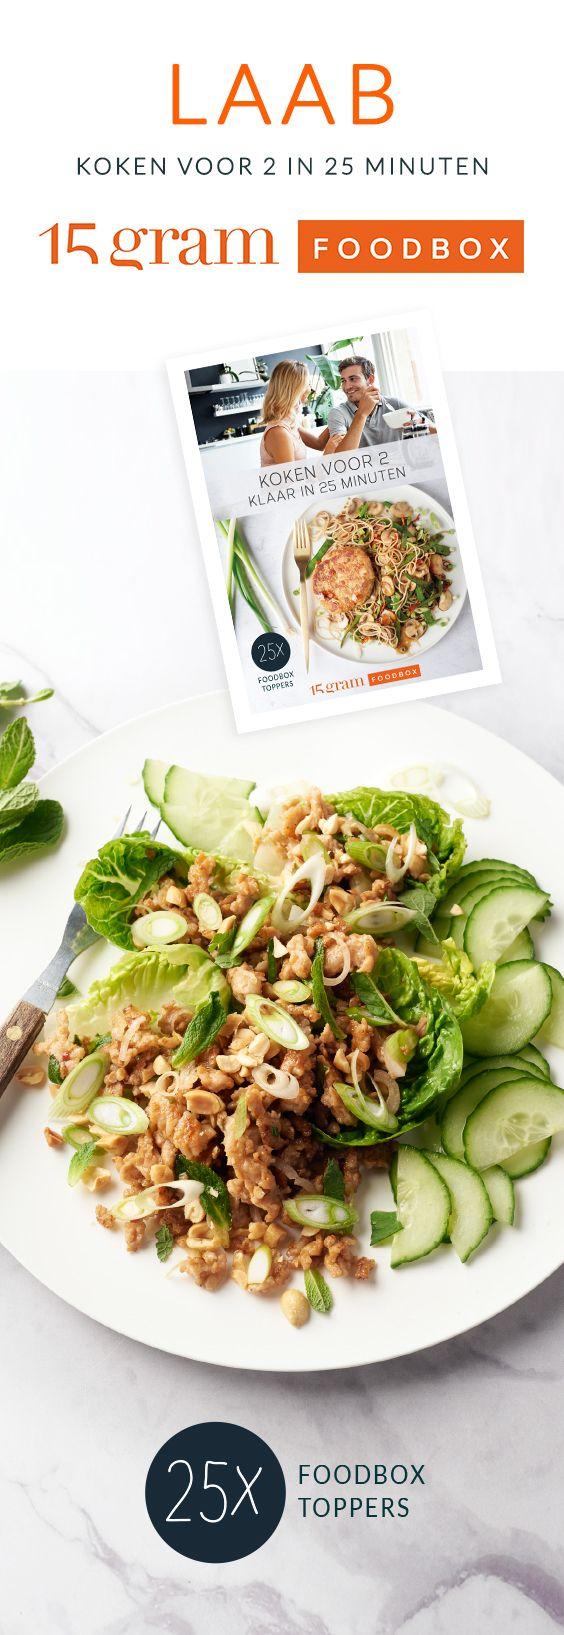 Laab of larb is een heerlijk gerecht uit Laos & Thailand. Het is een salade met knapperig gebakken kippengehakt, veel groentjes, kruiden & een frisse dressing.